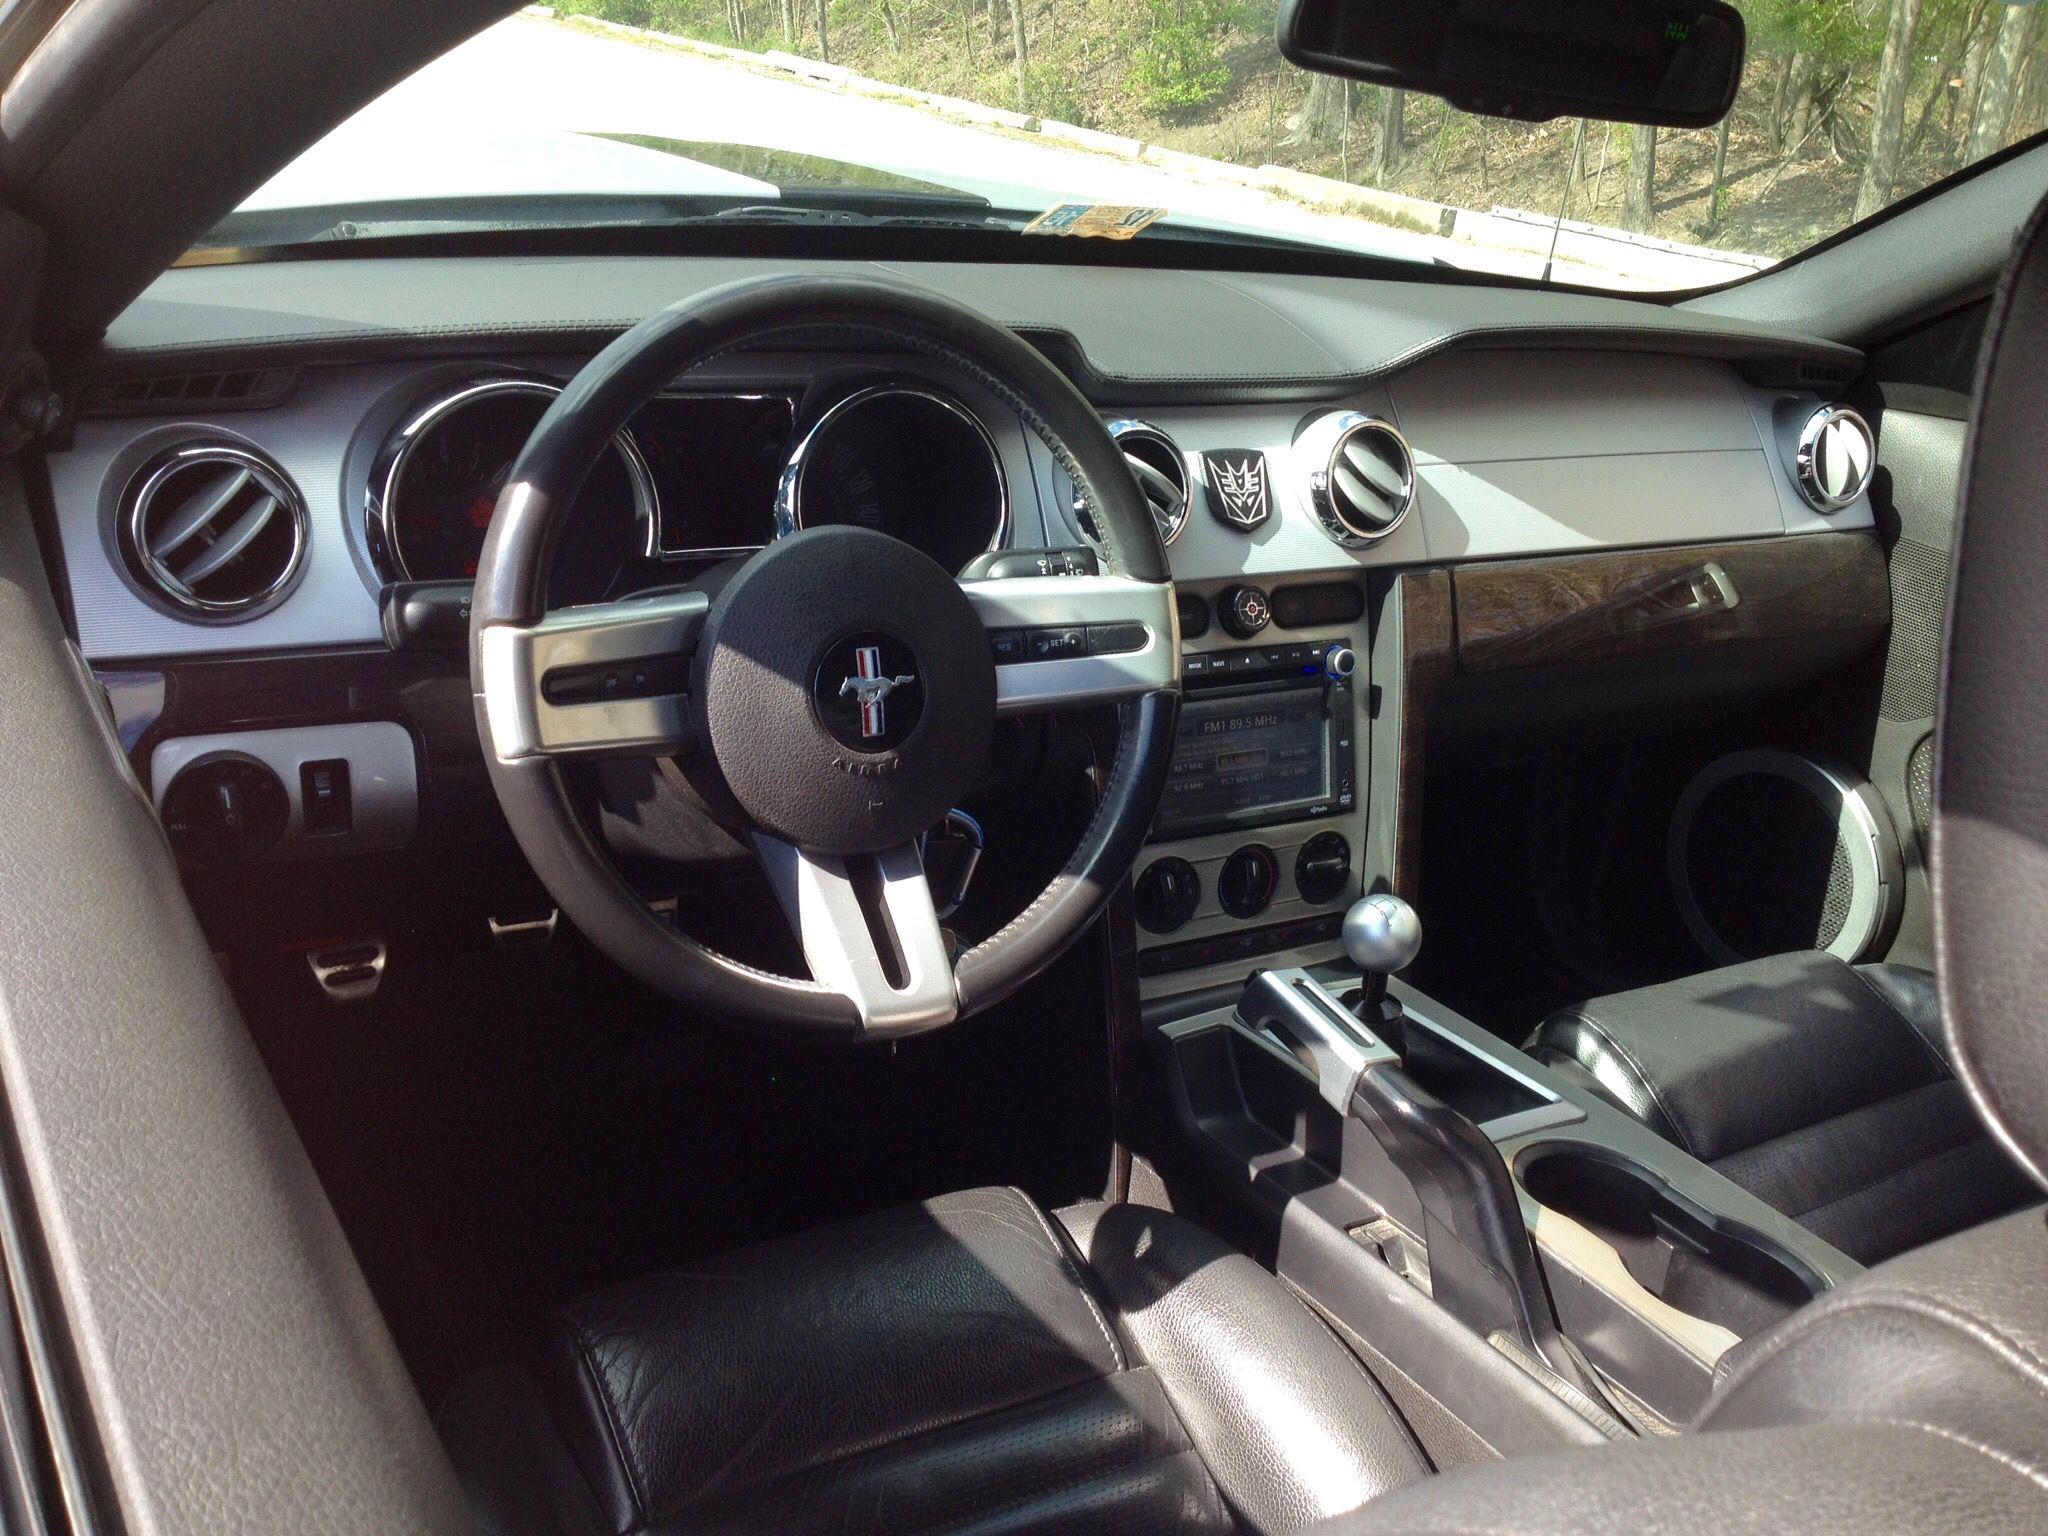 Pin On Mustang 2007 Custom Gt